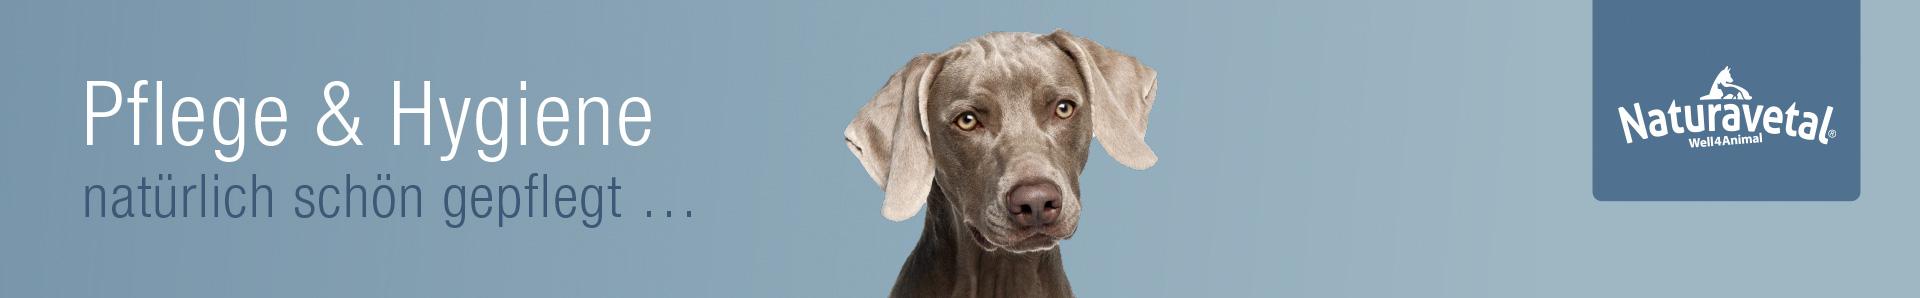 Naturavetal Canis Plus Hundepflege